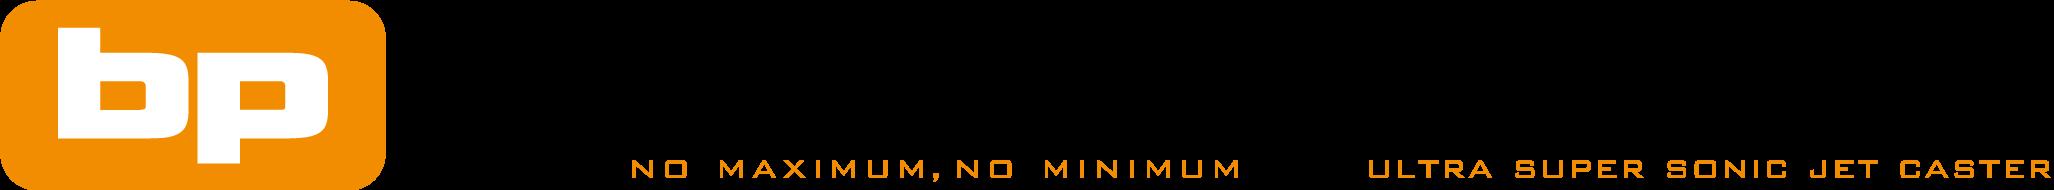 logo_Baspara